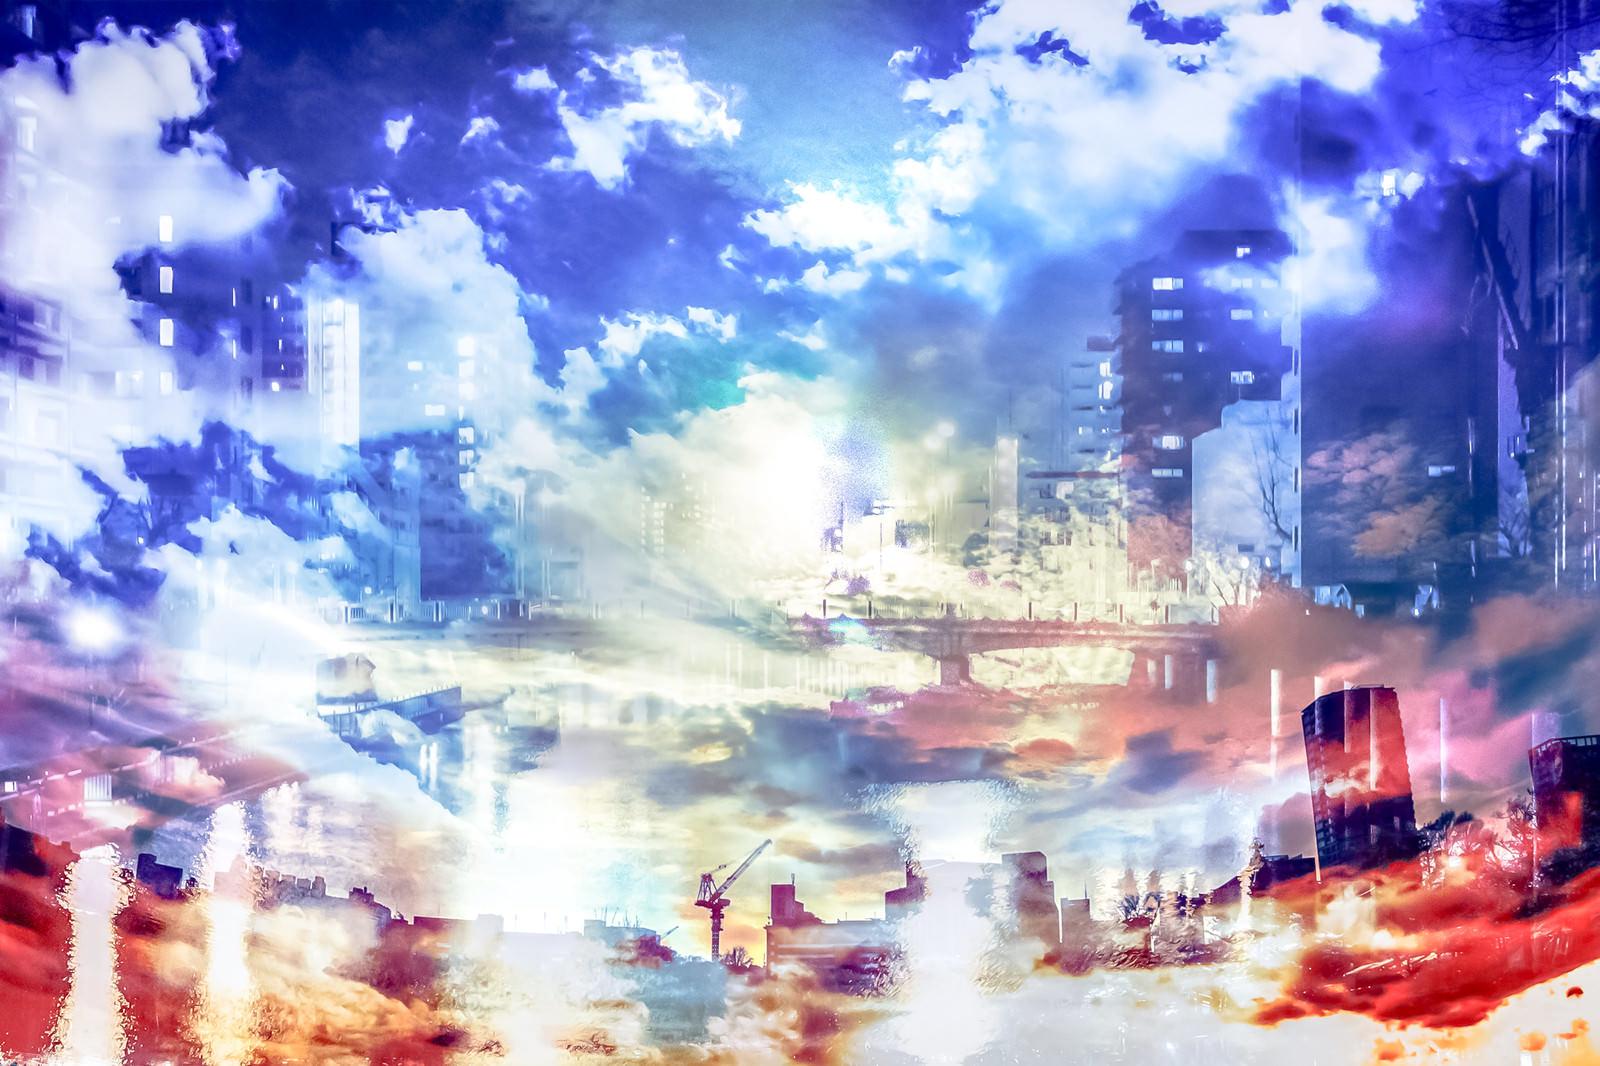 「インダストリアルシティ」の写真